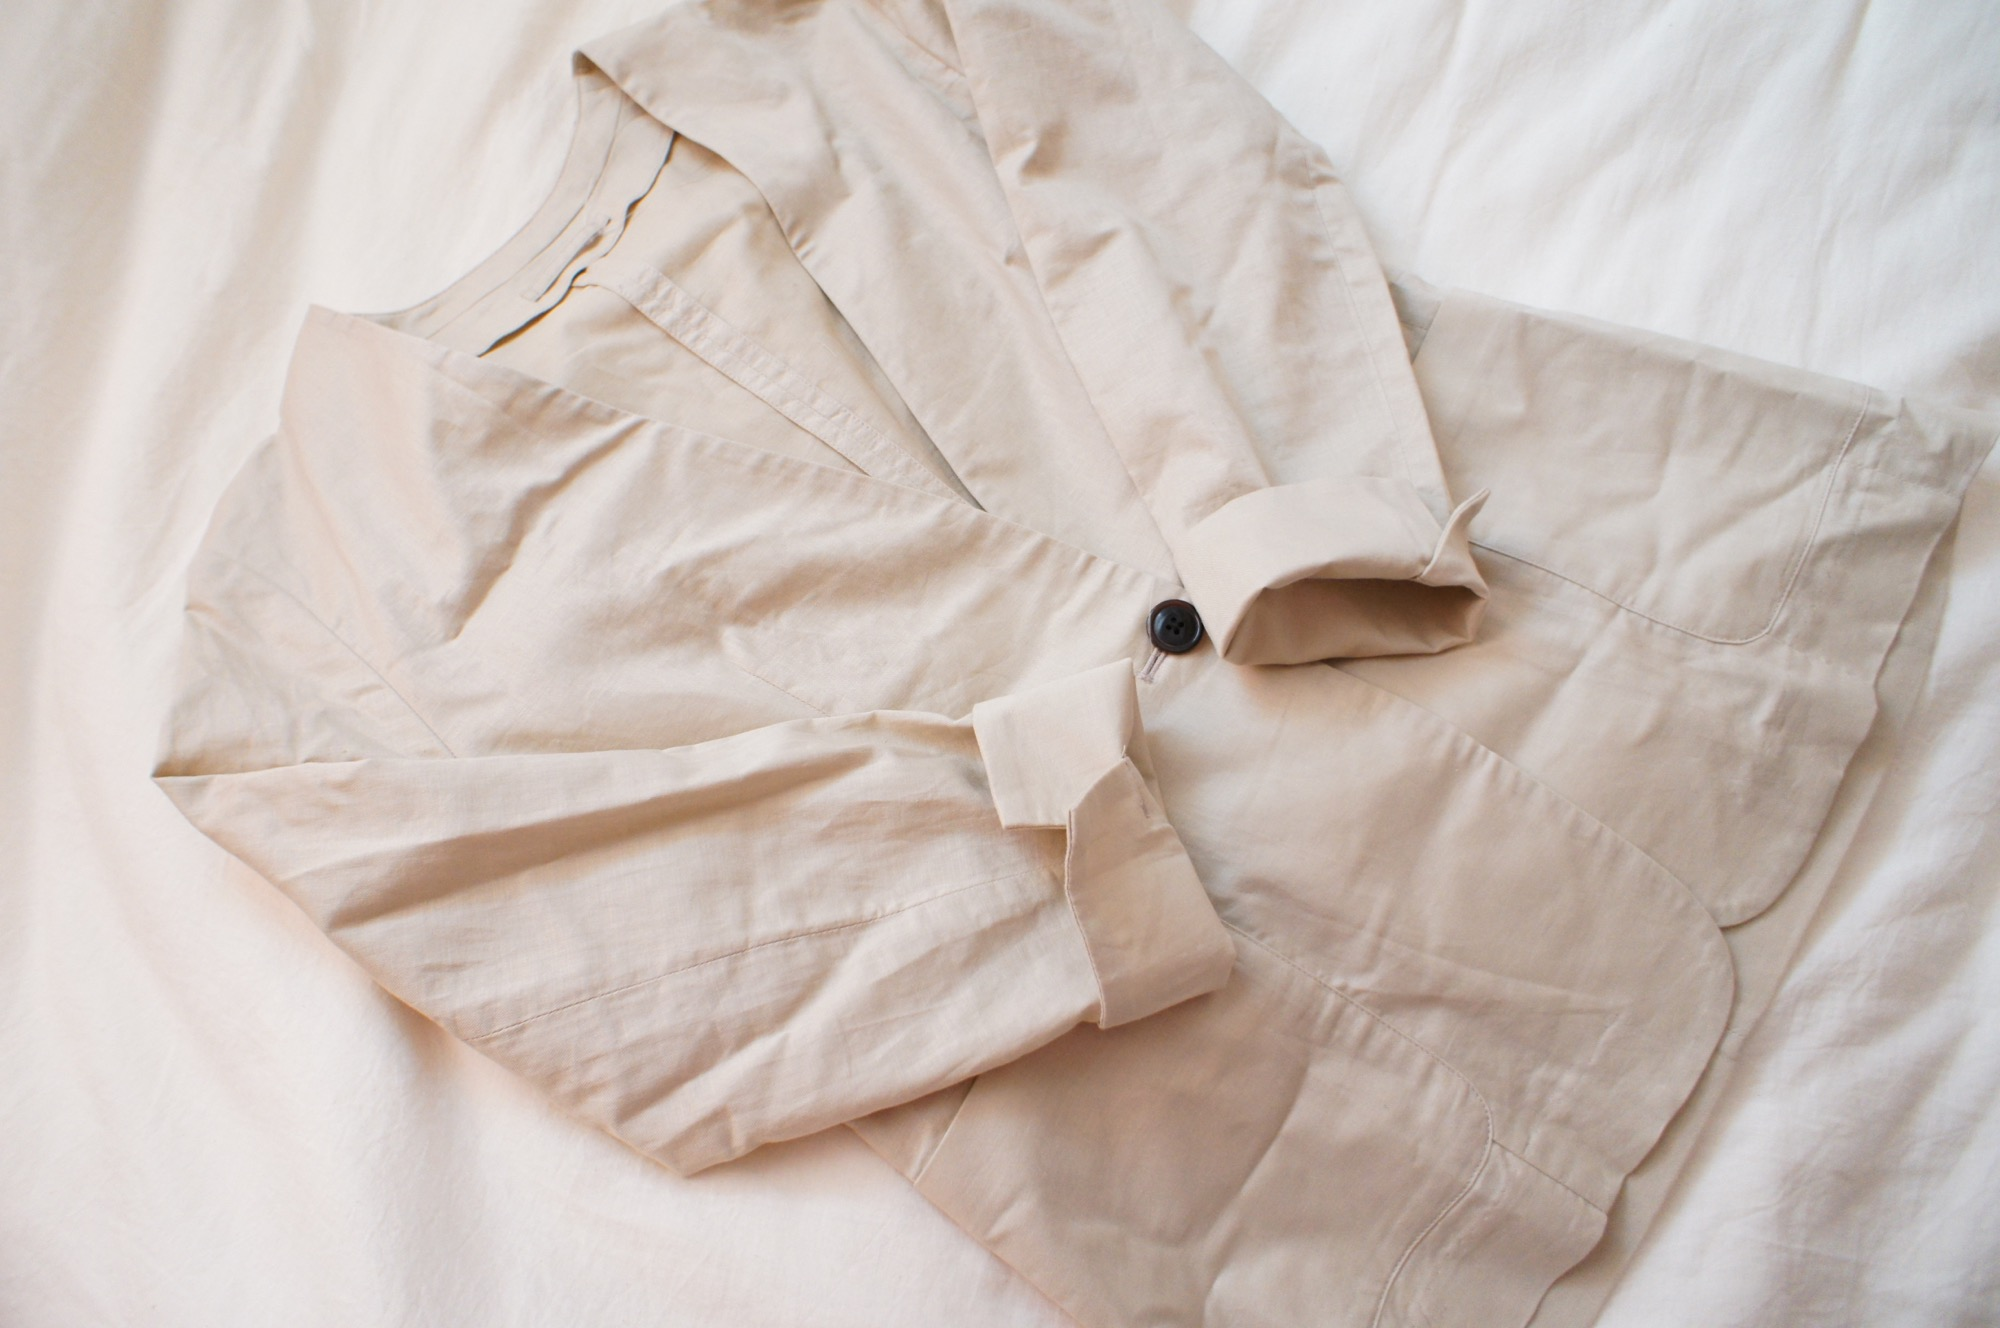 【ZARA&ユニクロ・GU】働く女子が買ったプチプラブランドのアイテムまとめ   ファッション_1_11